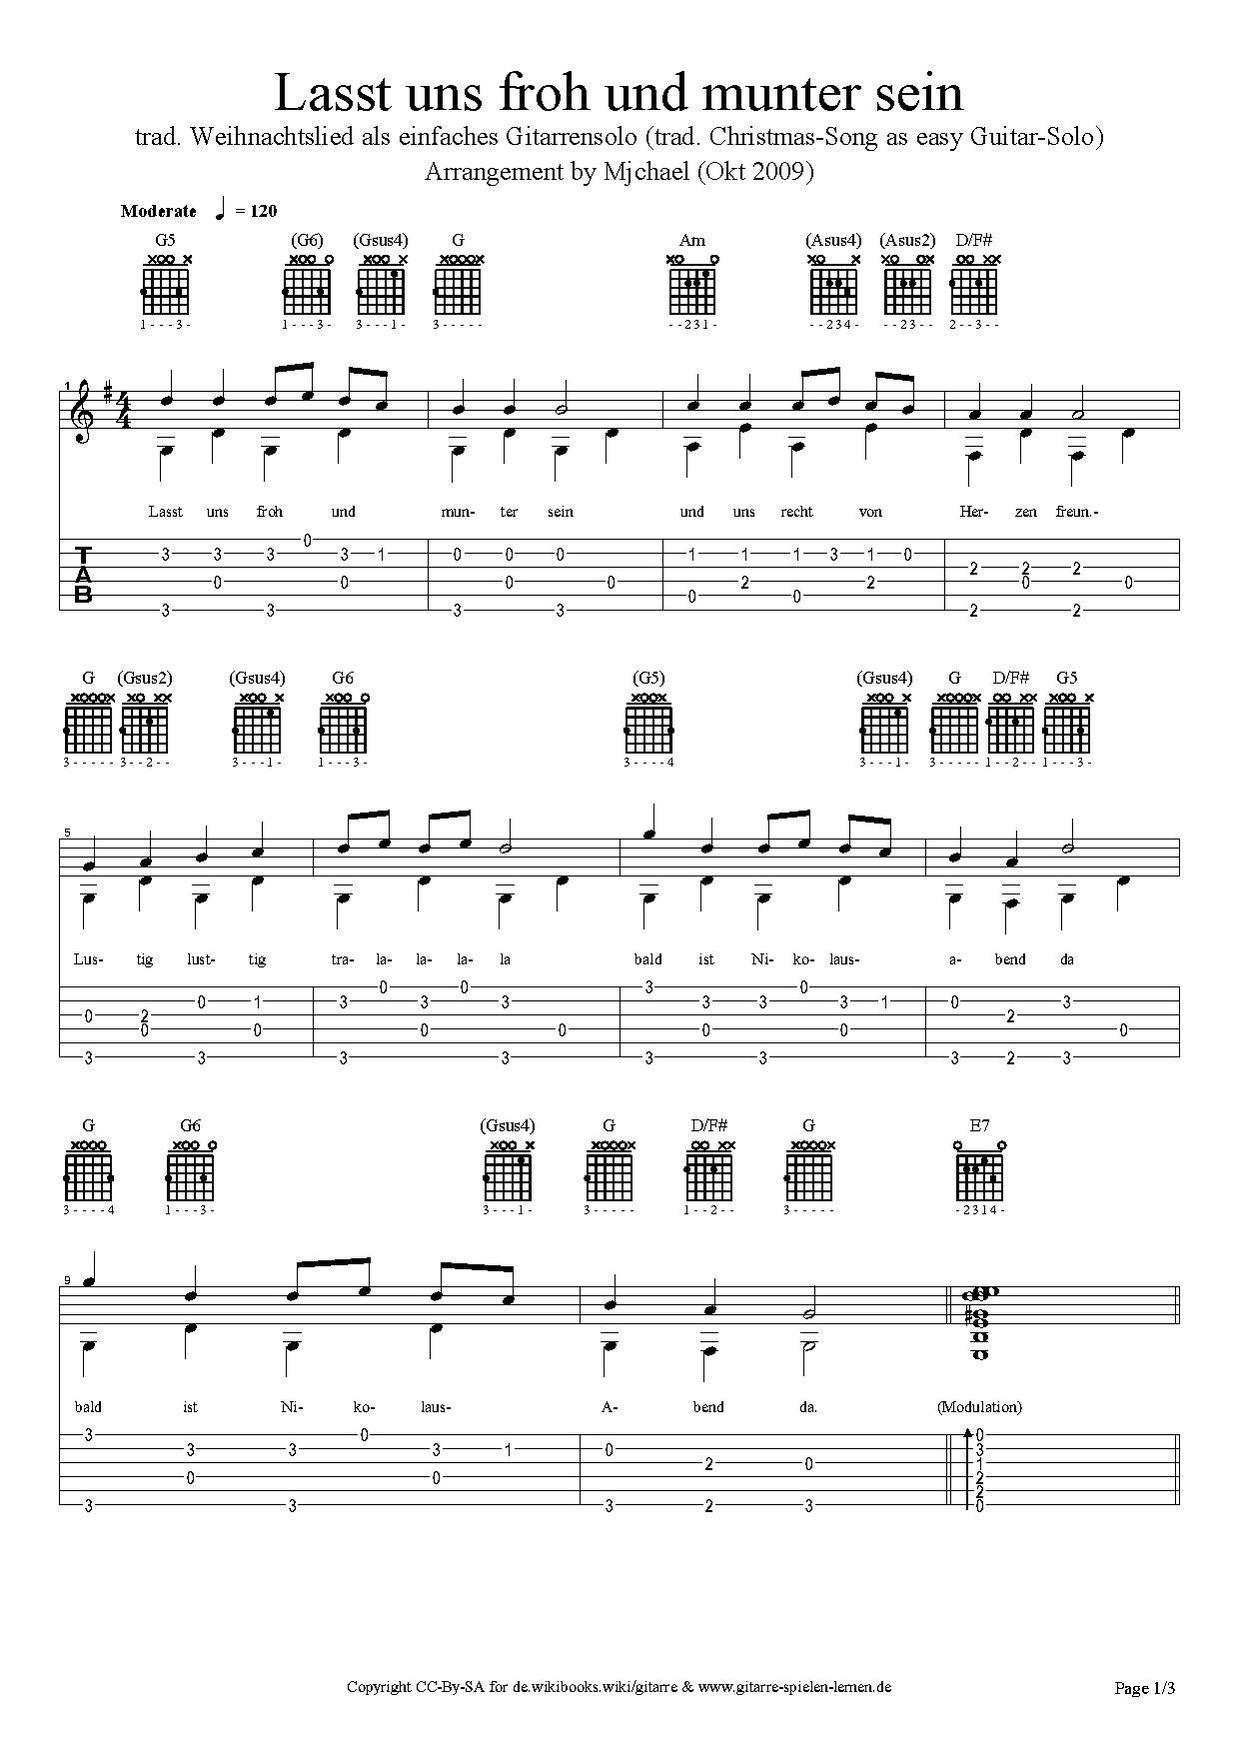 Gitarre: Melodiepicking - Lasst Uns Froh Und Munter Sein in Lied Lasst Uns Froh Und Munter Sein